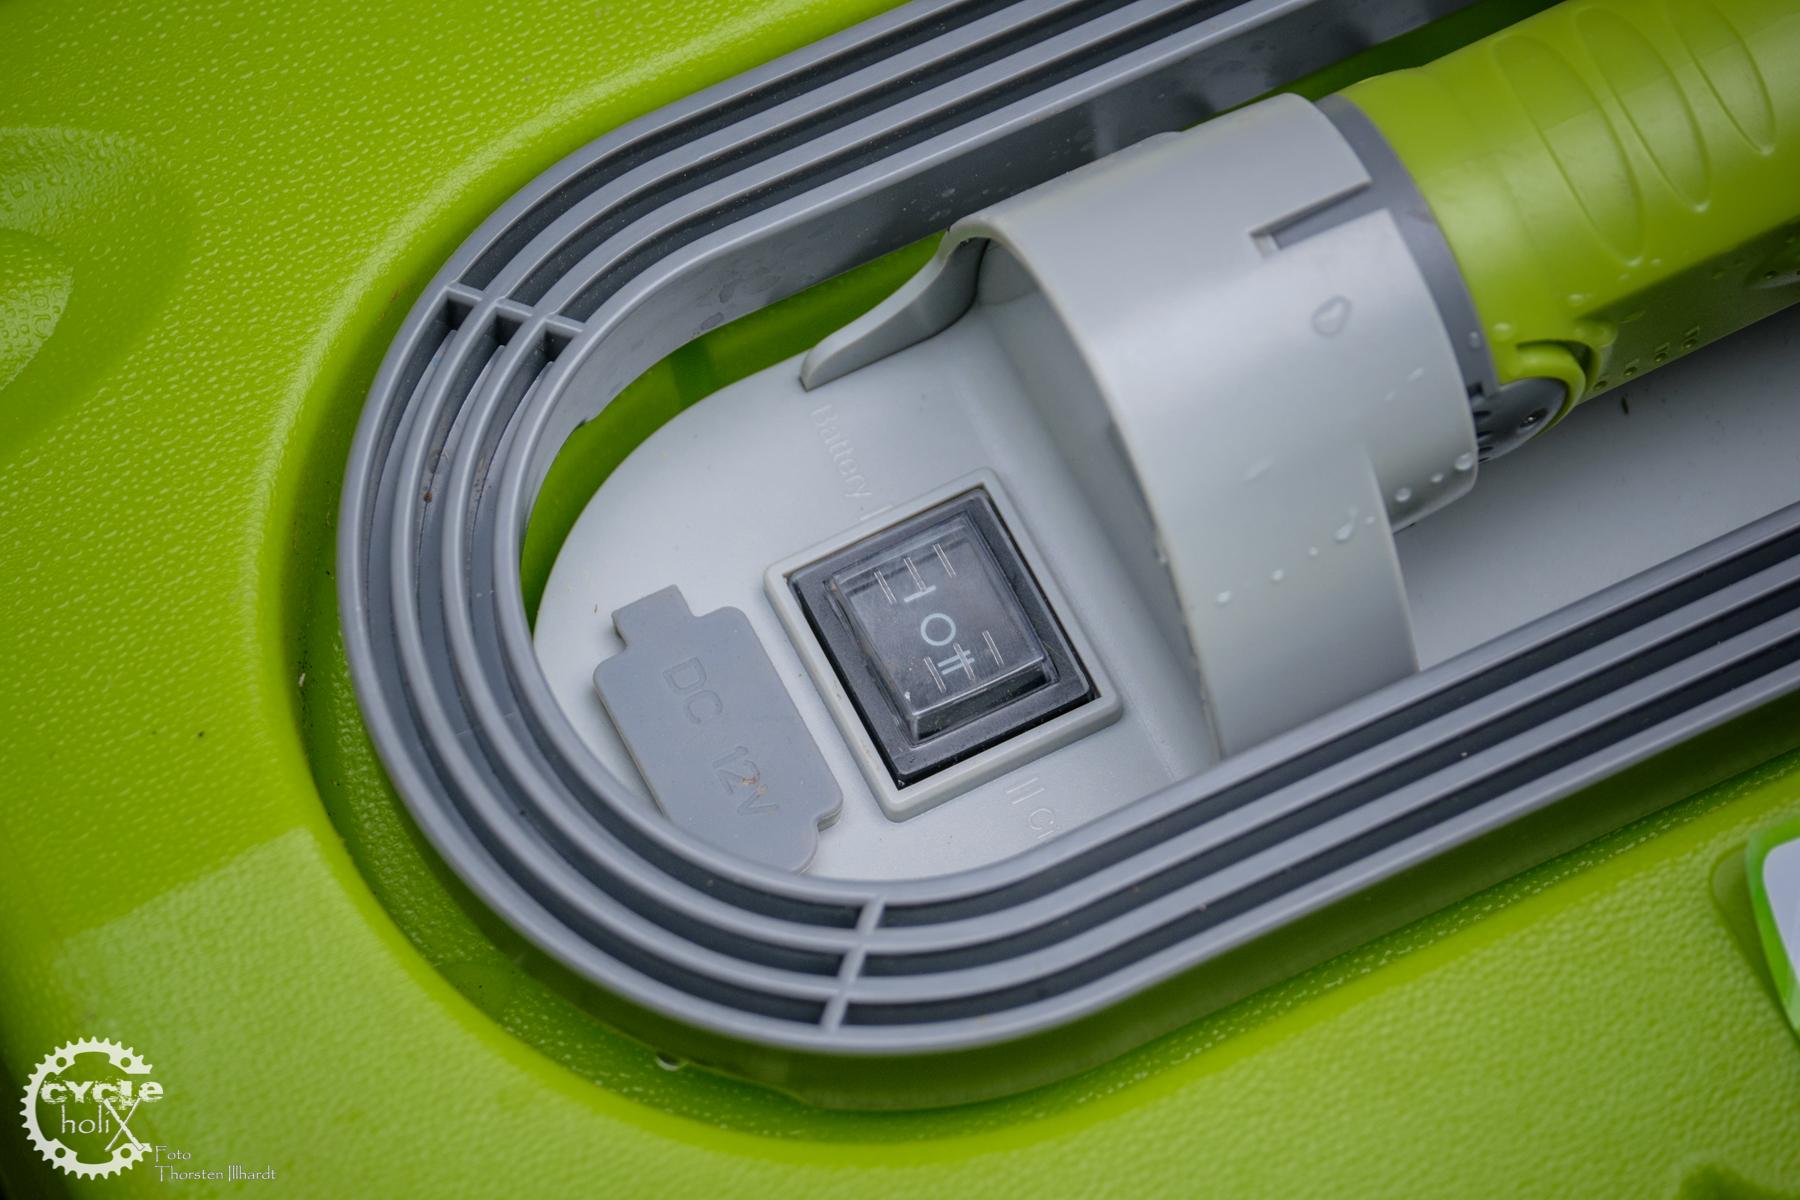 Der Schalter muss nach Links für den Akkubetrieb, nach rechts für den Betrieb an der 12V Steckdose. Oder war es umgekehrt?